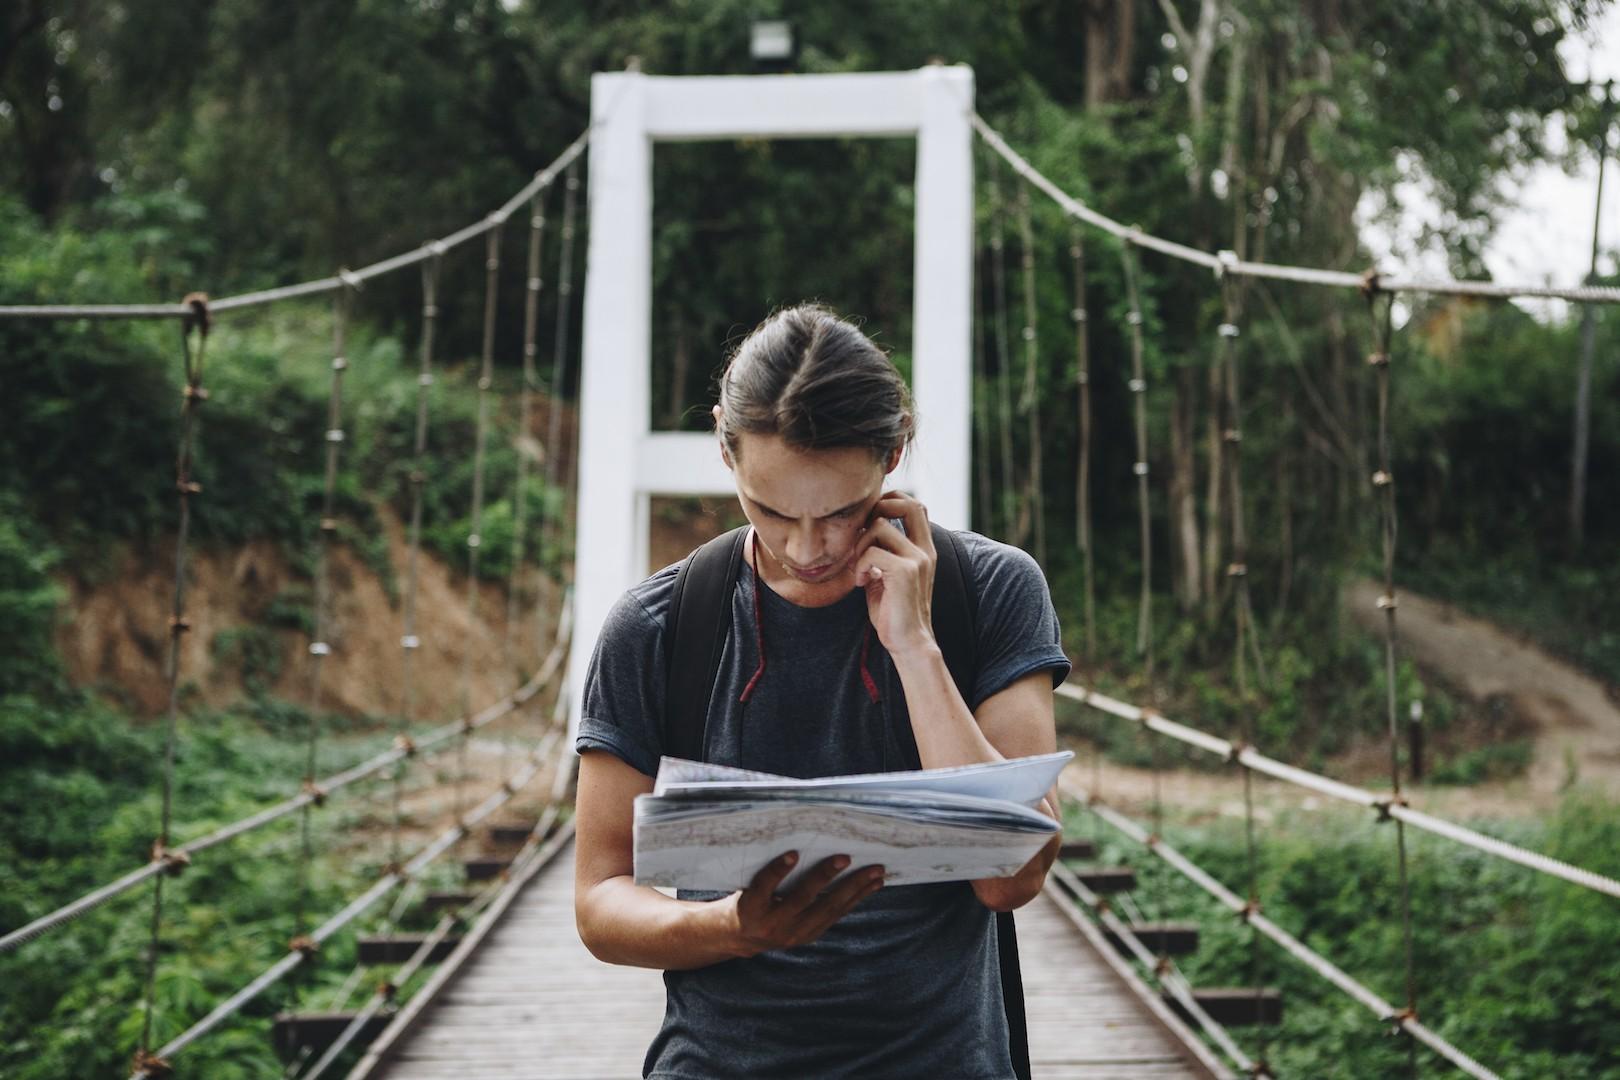 Jovens viajantes frequentes usam muito o smartophone para fazer reservas